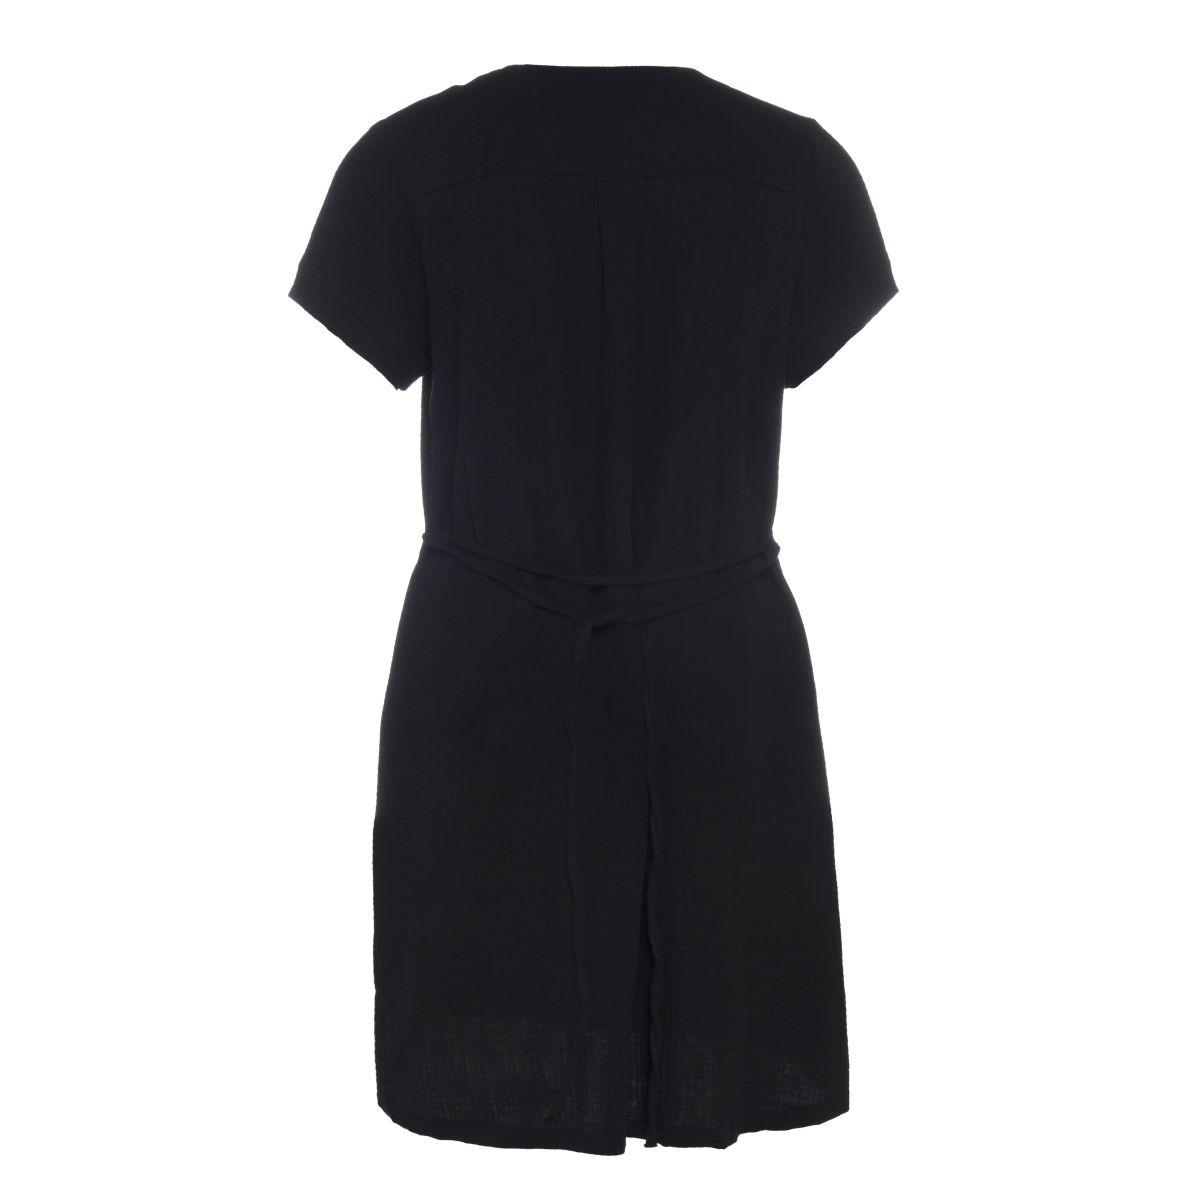 knit factory kf15012000050 indy jurk zwart m 2